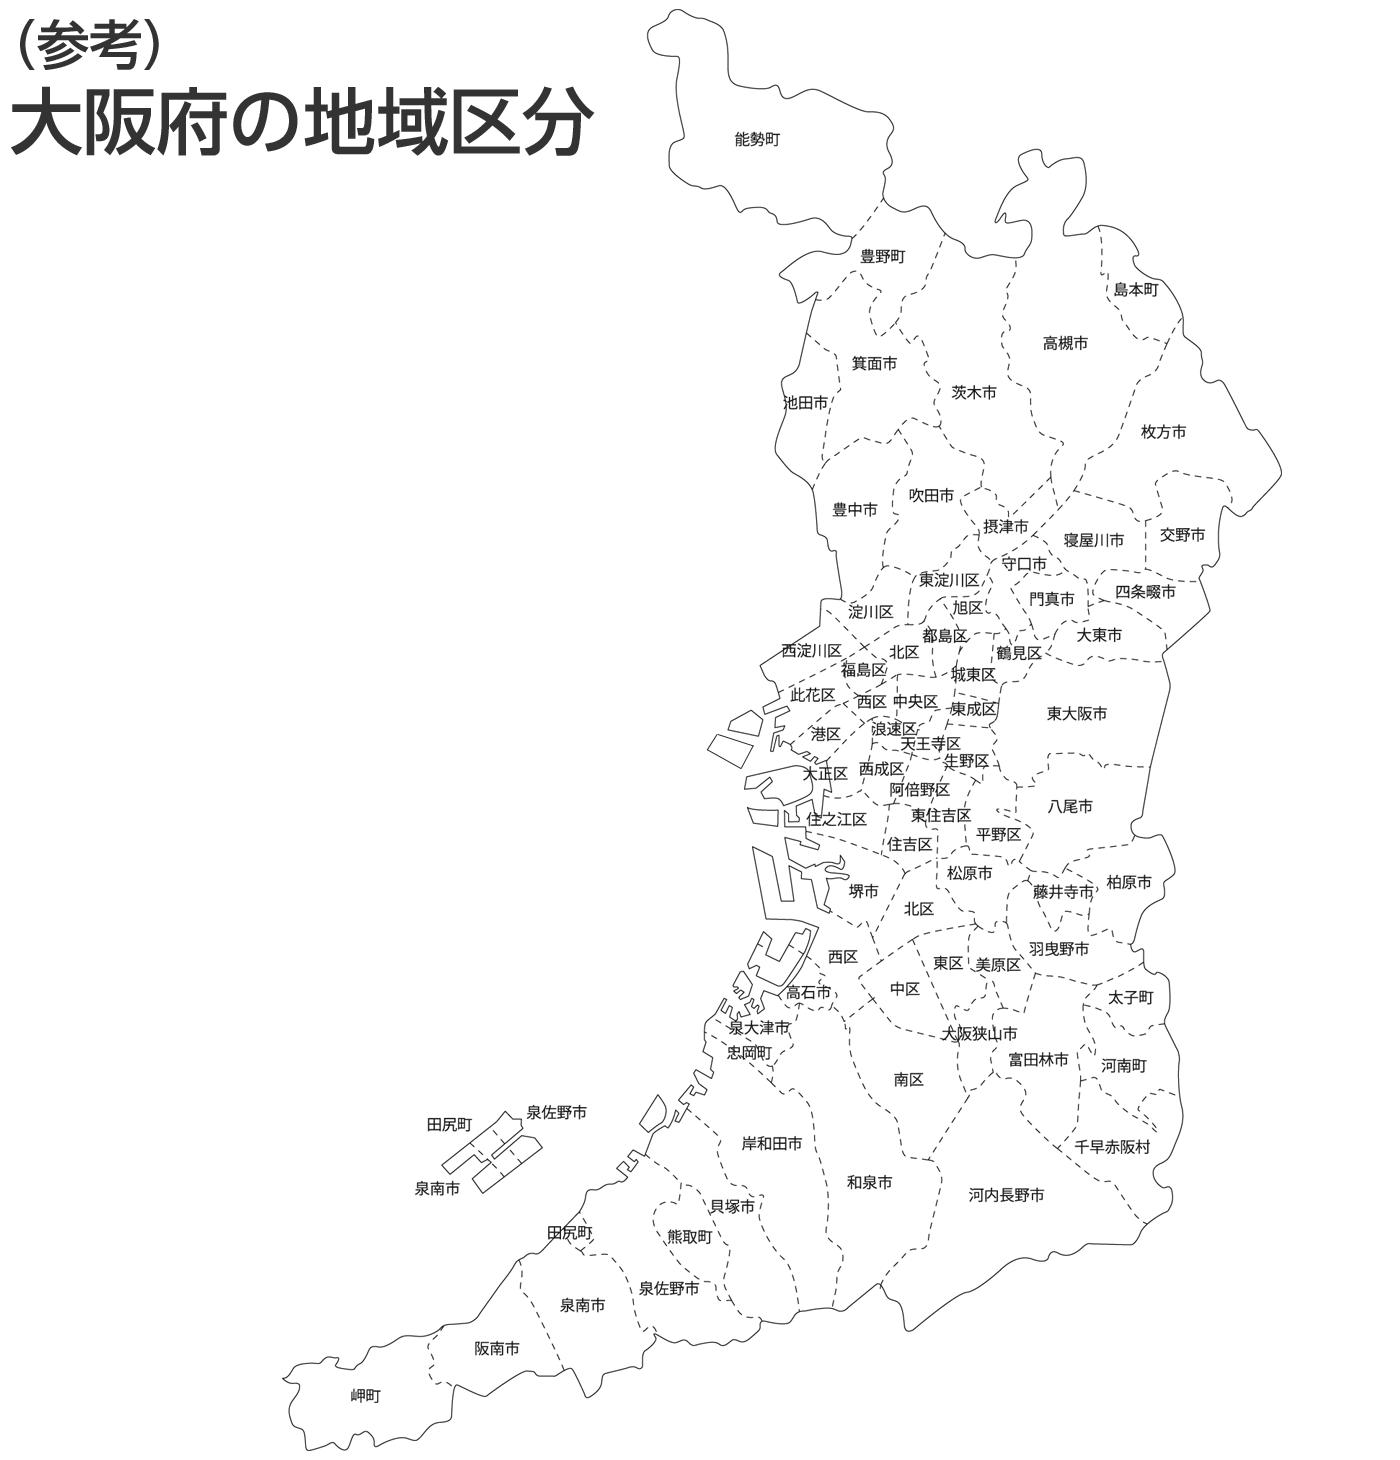 大阪府の地域区分の画像